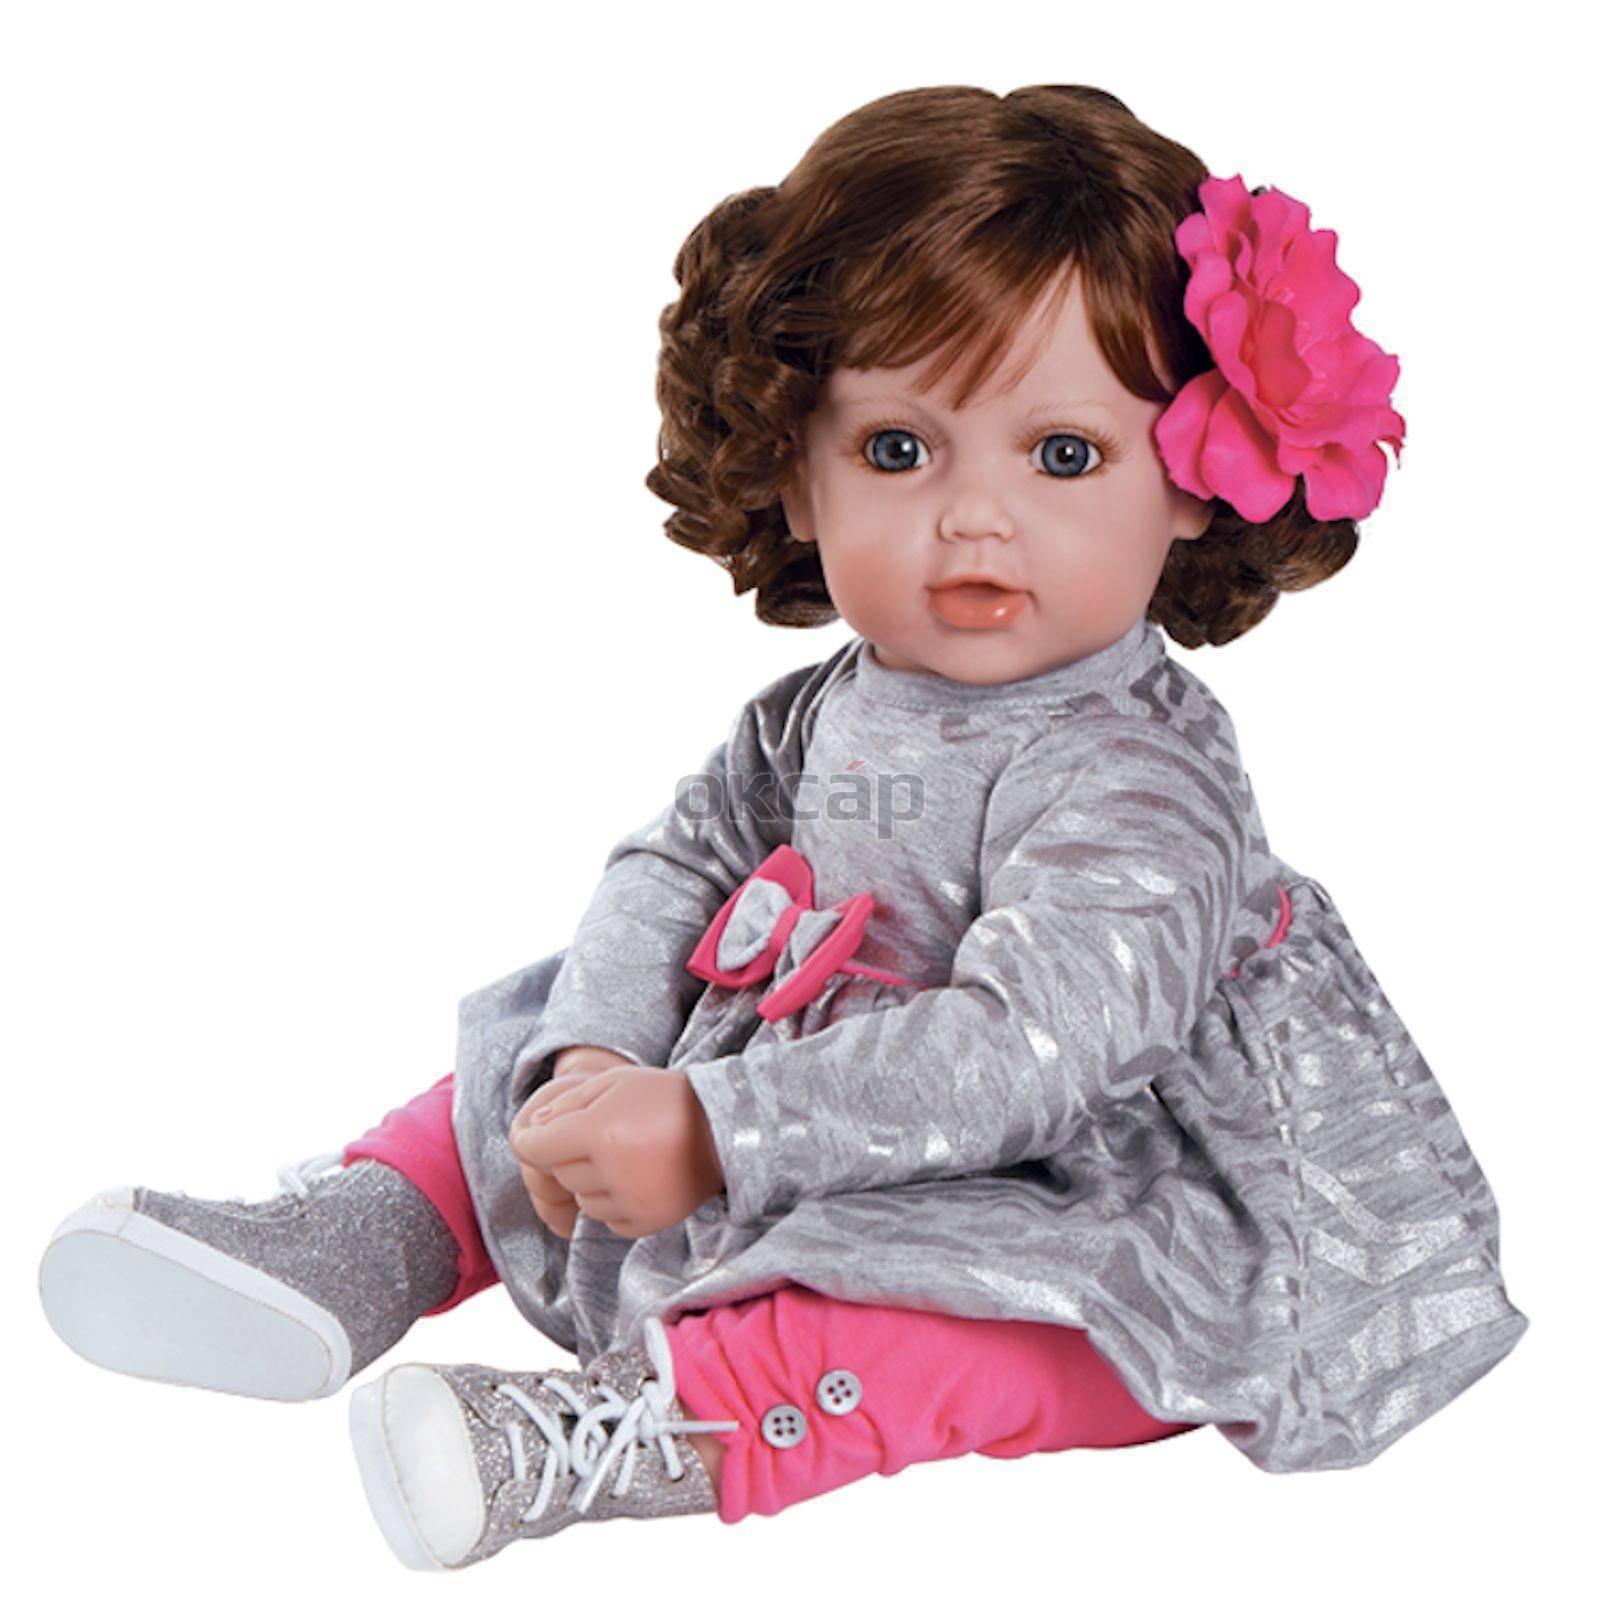 Рейтинг лучших кукол для девочек в 2020 году